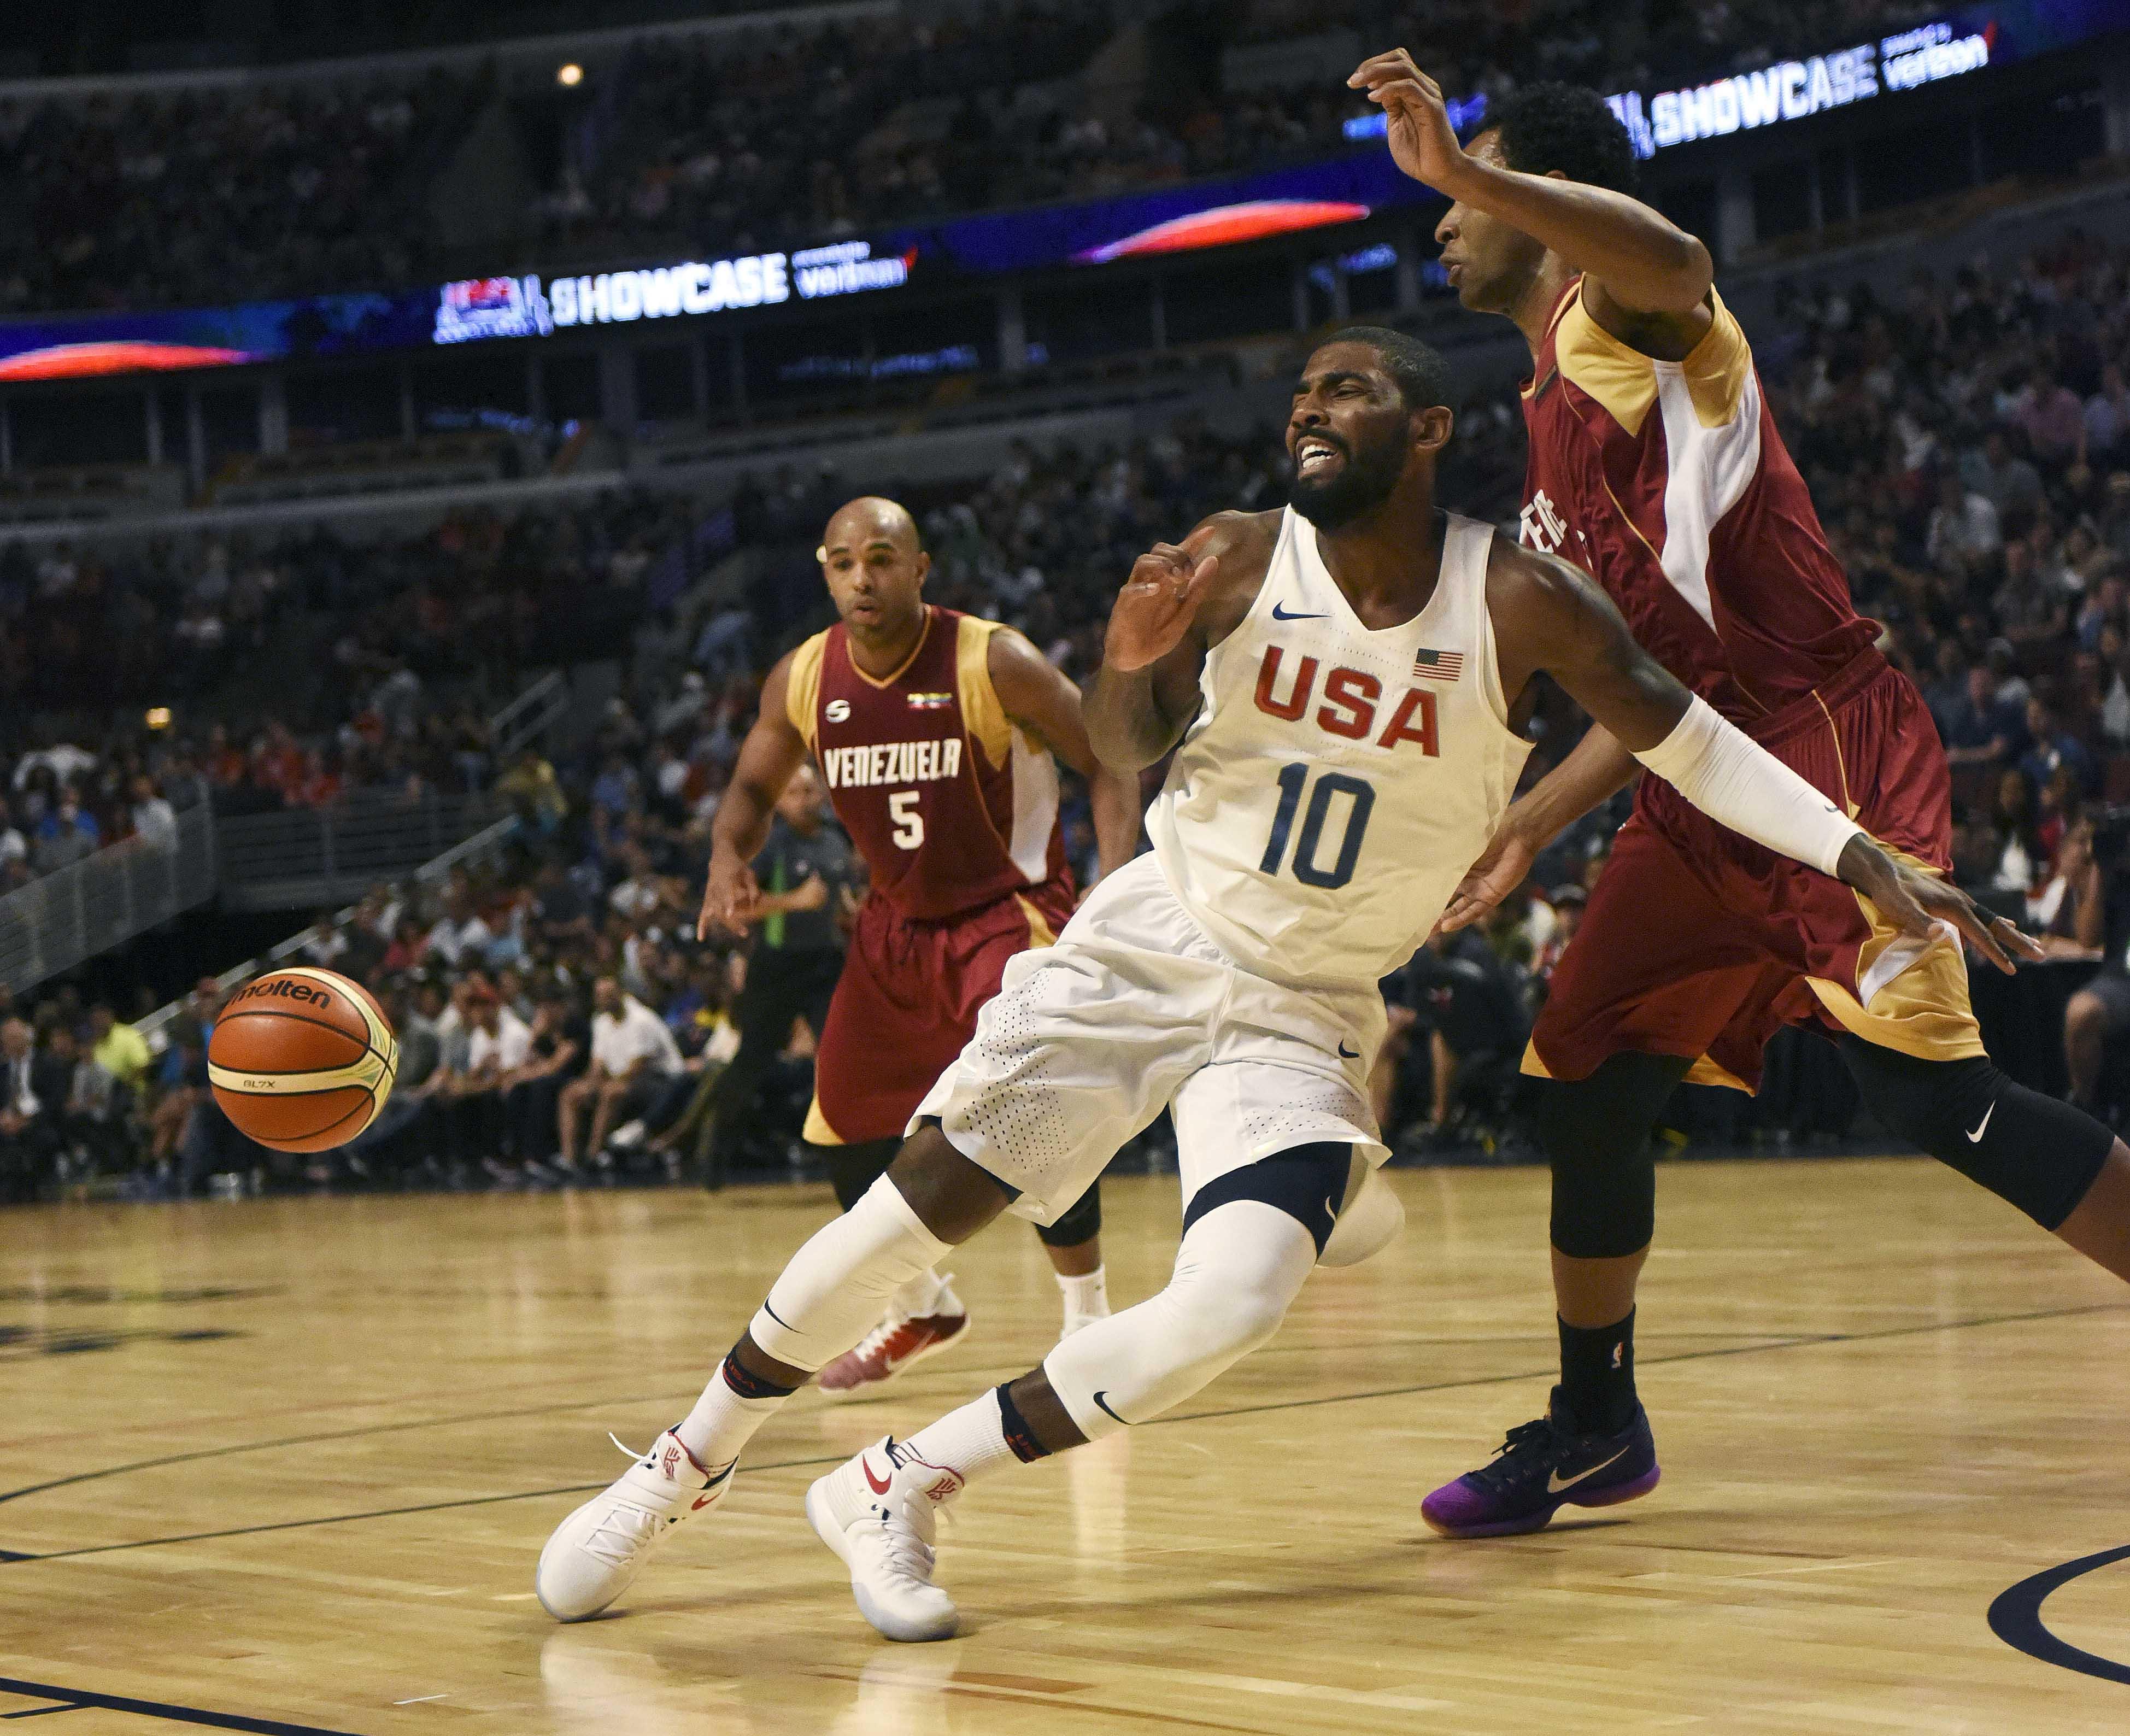 Basketball: USA Basketball Exhibition Game-Venezuela at USA